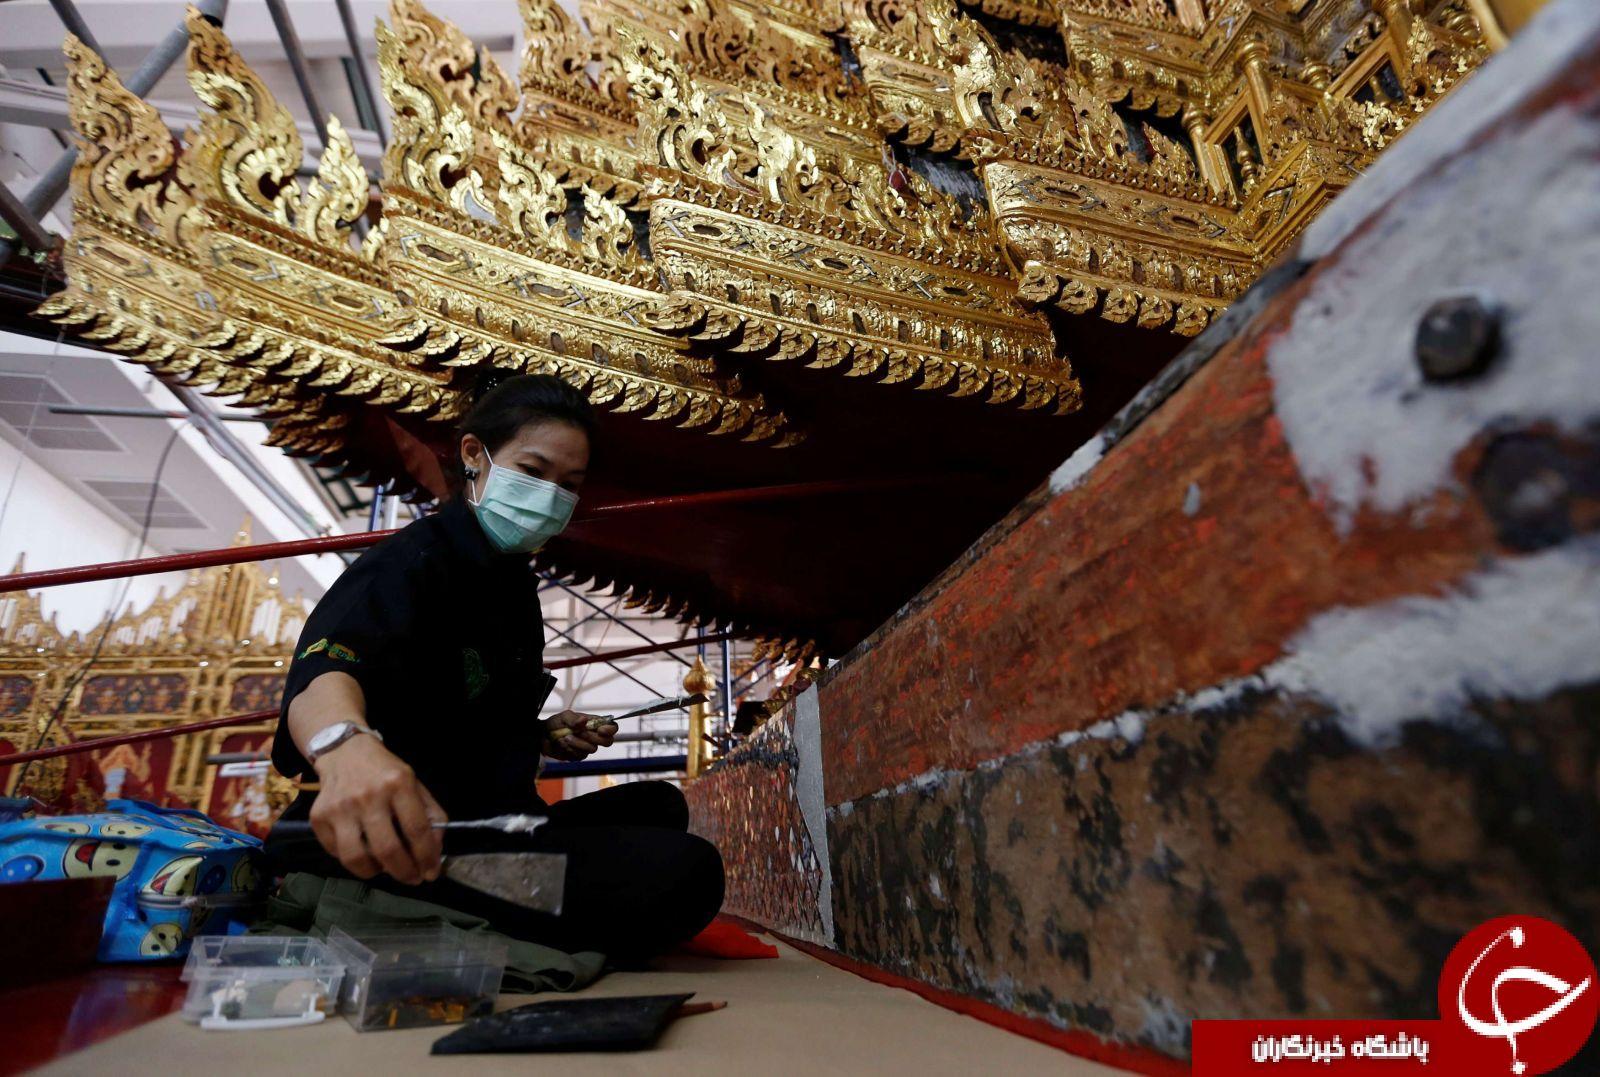 ارابه ای که پادشاه تایلند را به بهشت می برد+تصاویر